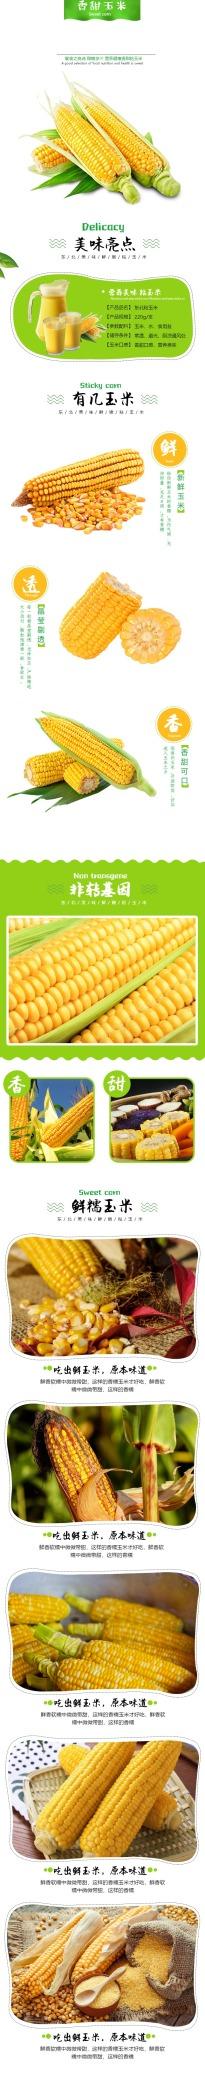 黄色清新香甜玉米电商详情页